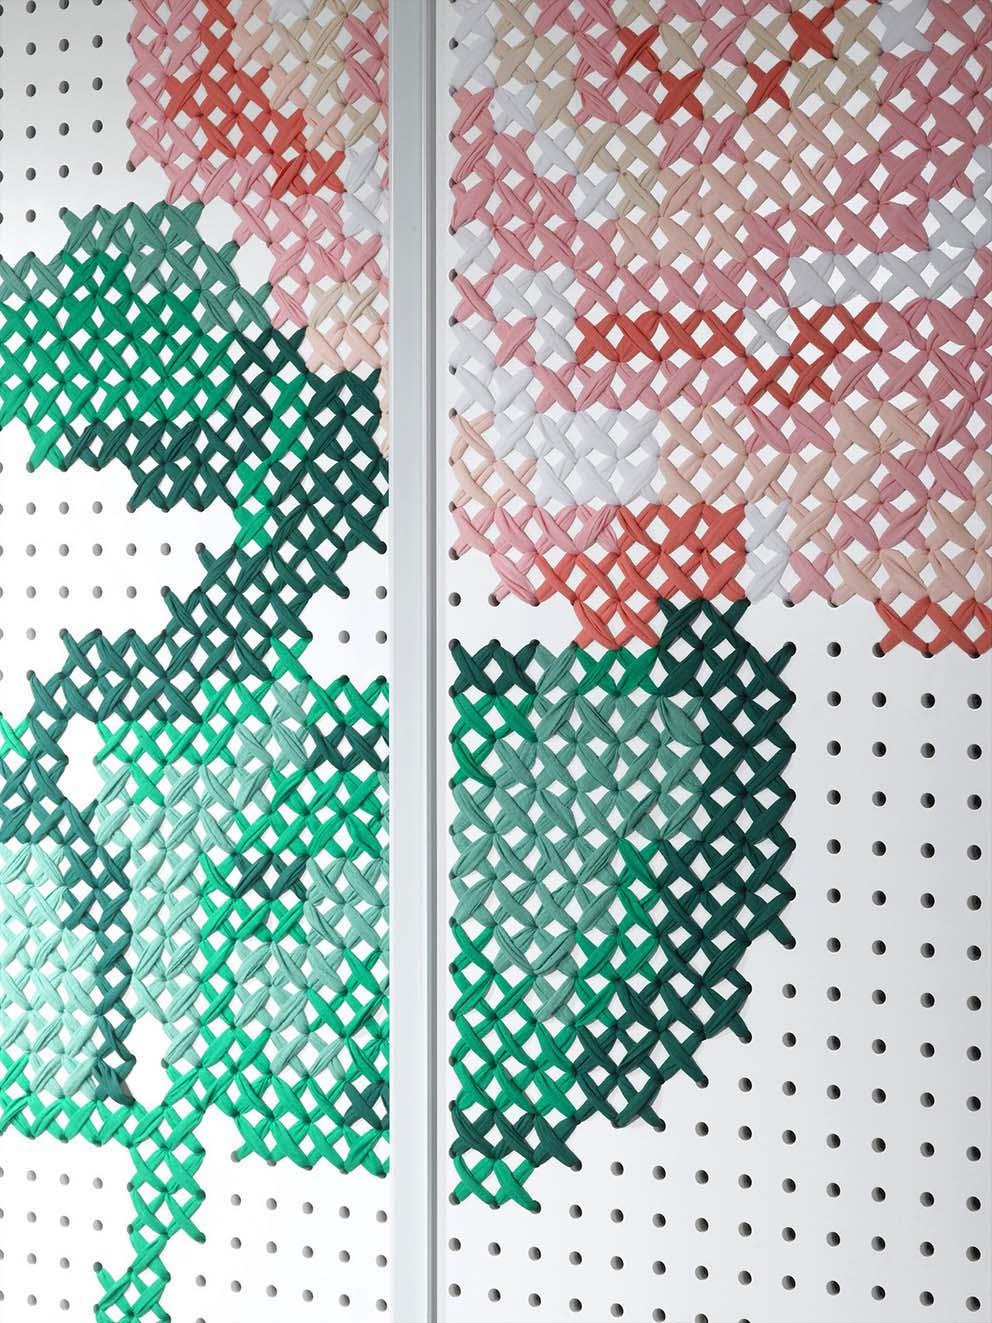 נעים להכיר: טל וולנסקי סגרה - מעצבת בחברת ריביירה, צילום: ישראל כהן